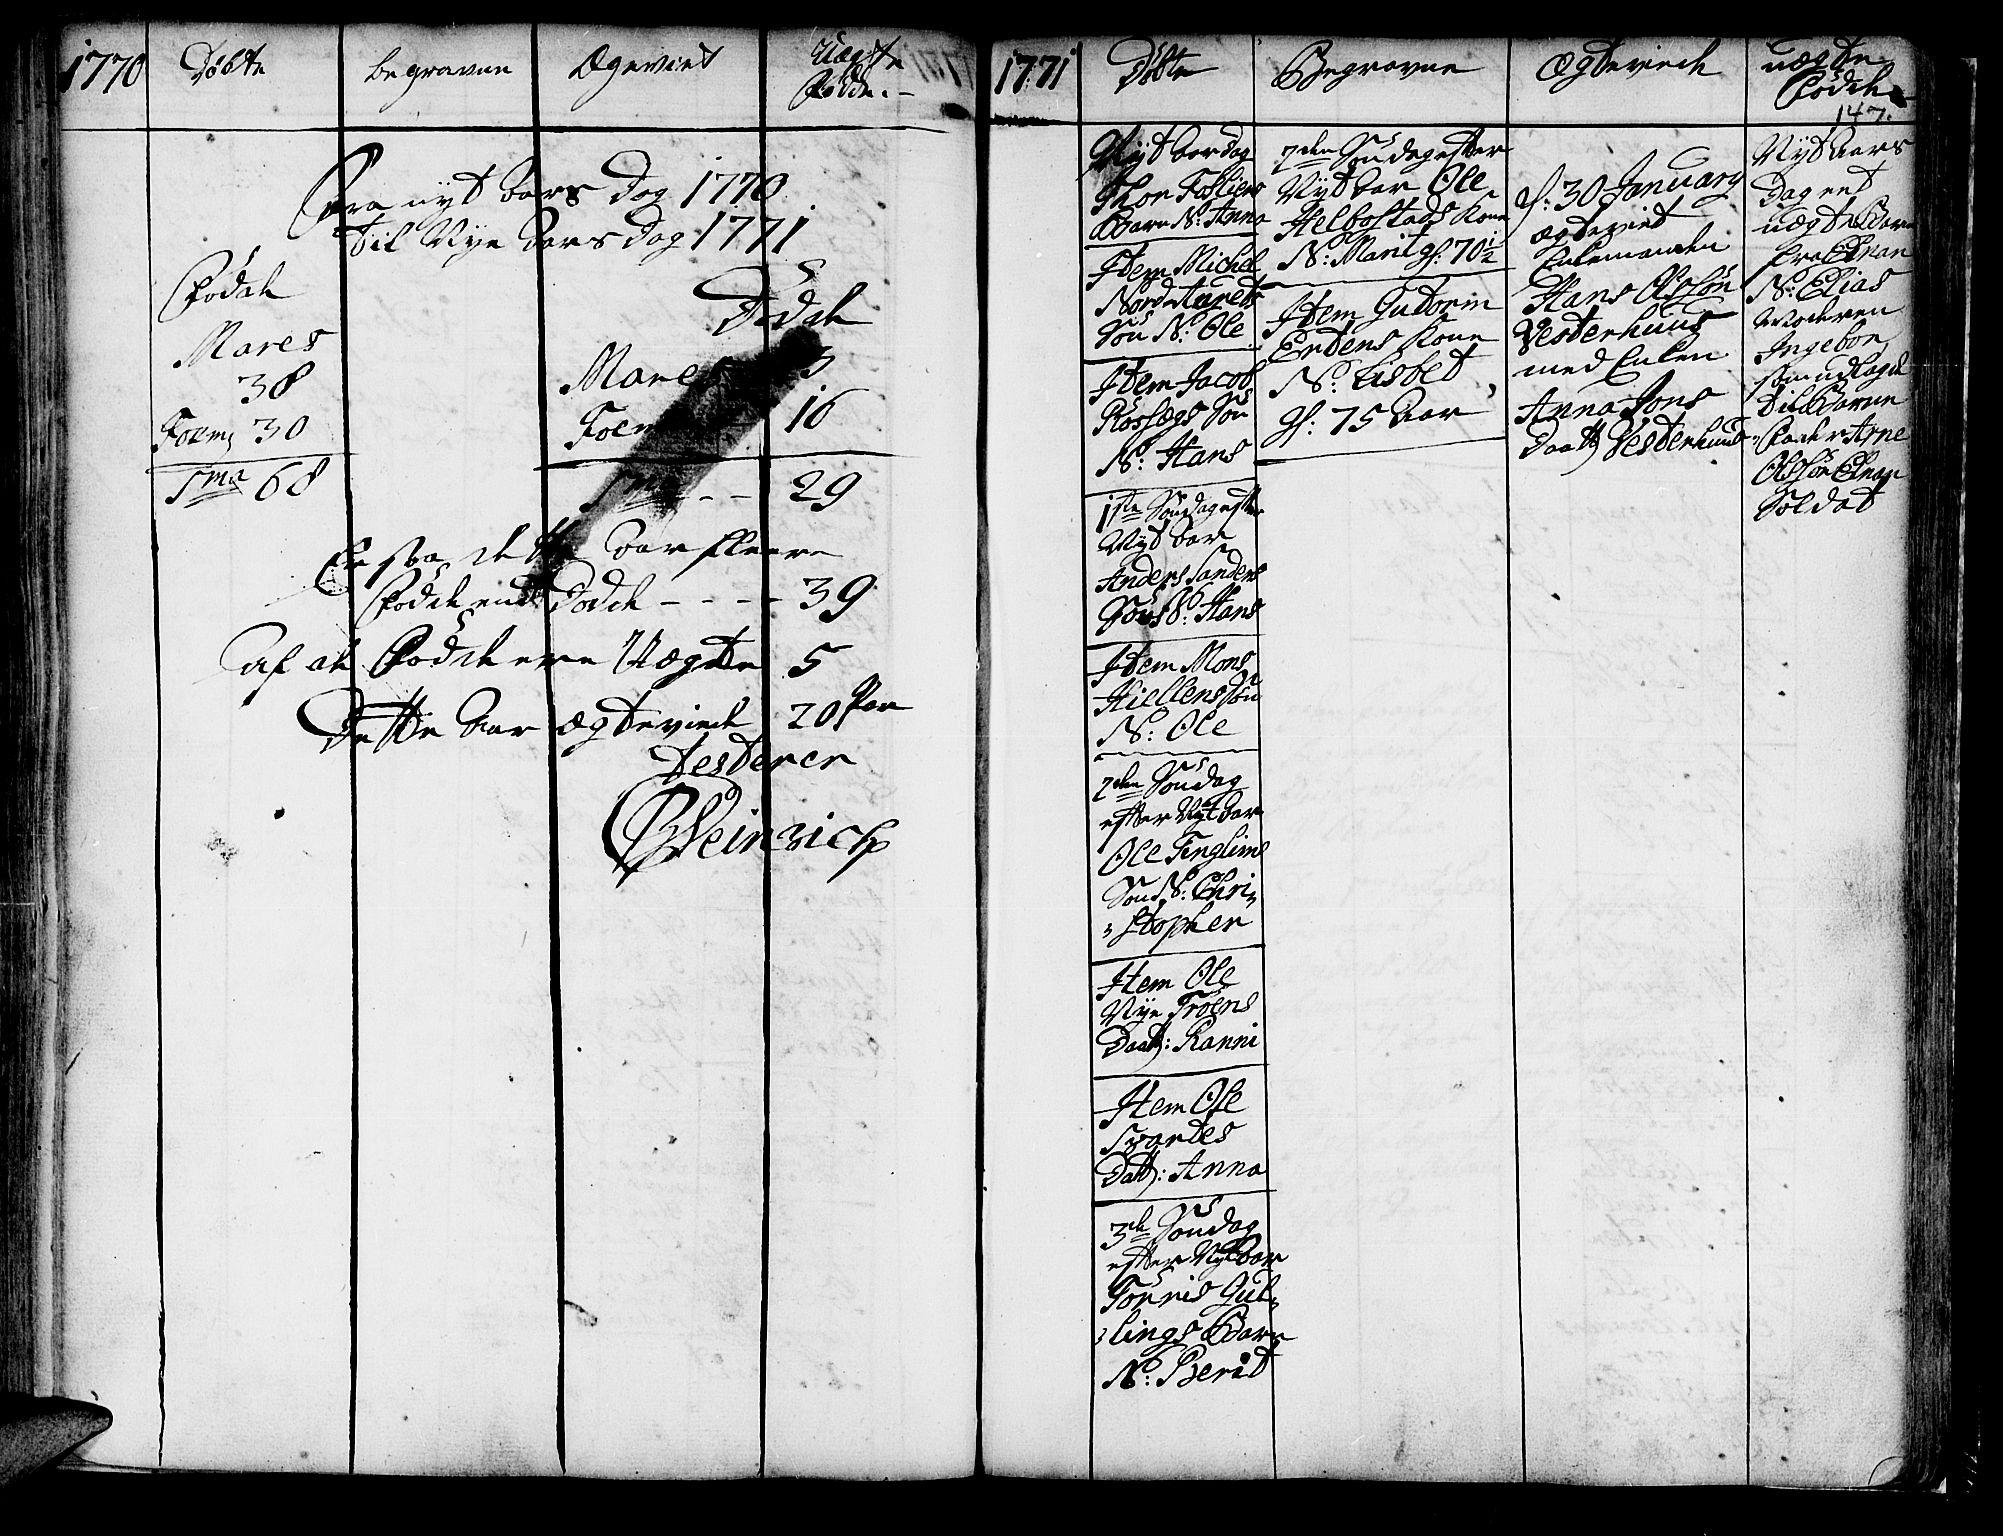 SAT, Ministerialprotokoller, klokkerbøker og fødselsregistre - Nord-Trøndelag, 741/L0385: Ministerialbok nr. 741A01, 1722-1815, s. 147